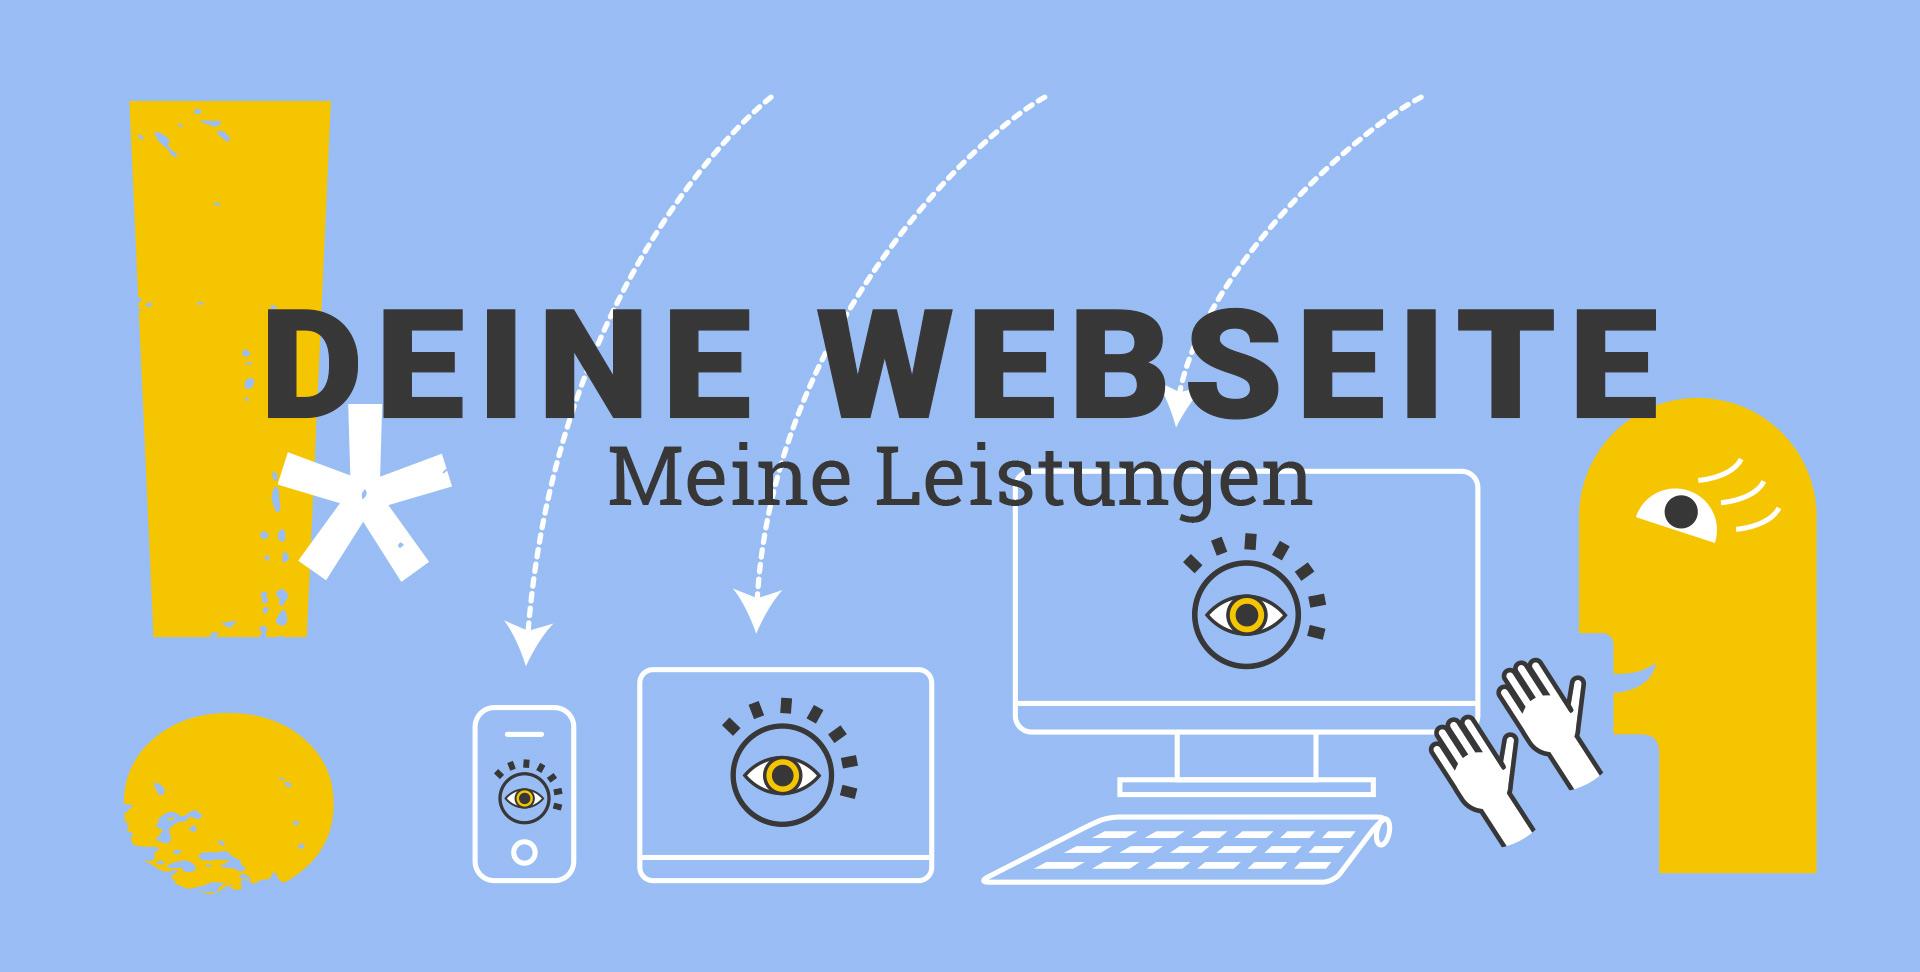 Webseite erstellen lassen - Schriftzug Deine Webseite - Meine Leistungen auf blauem Hintergund, dahinter ein gelbes Ausrufezeichen sowie drei vektorgrafiken von Smartphone, Tablet und Rechner und ein gelbes Männchen, welches die Dinge präsentiert